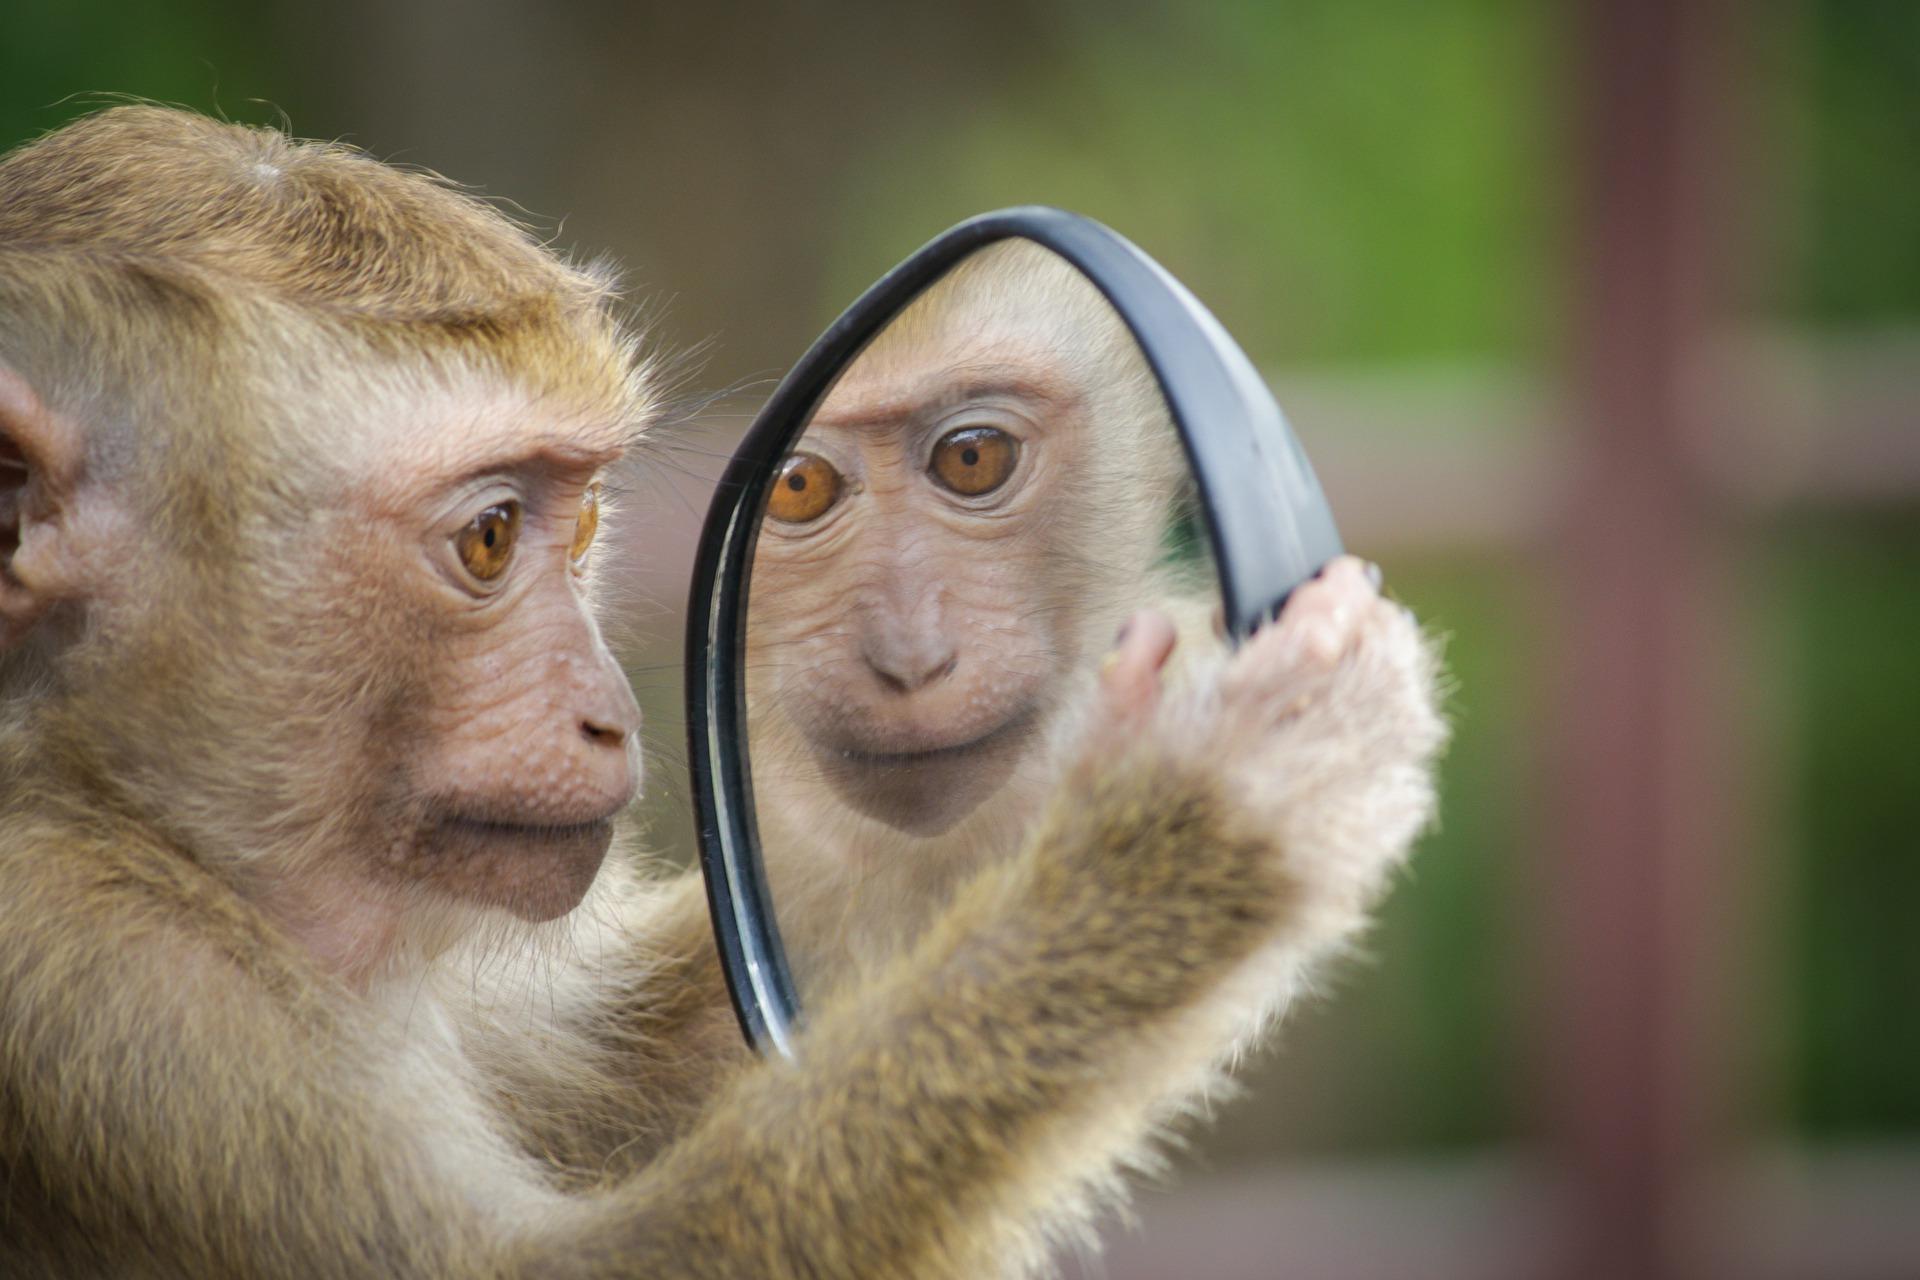 Spiegel-Übung gegen Prüfungsangst